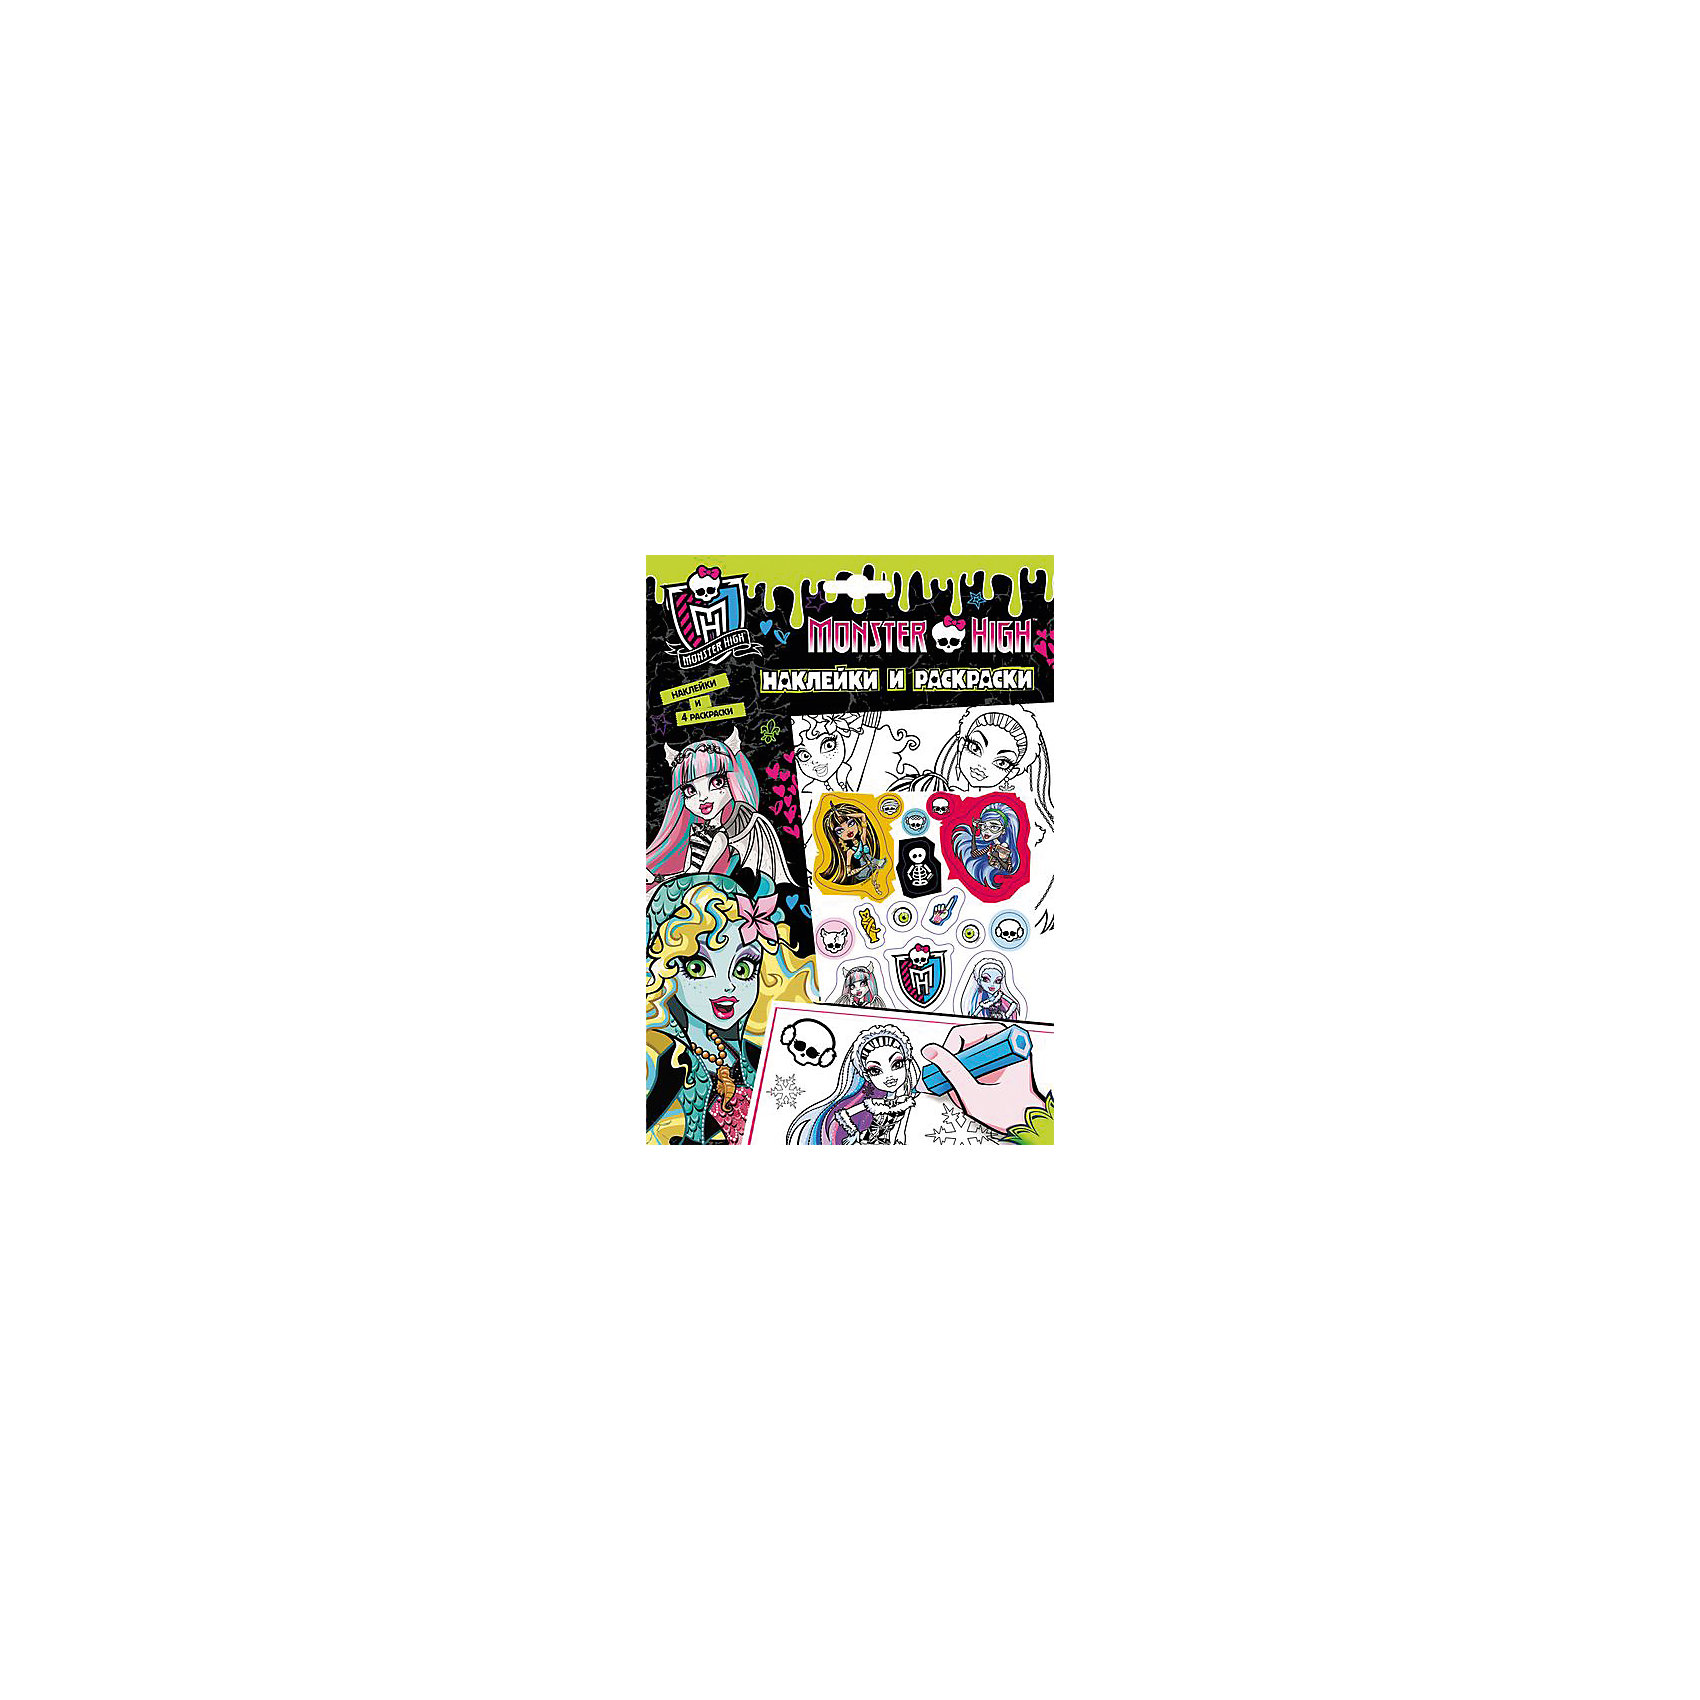 Росмэн Наклейки и раскраски (зеленая), Monster High росмэн наклейки 2 monster high